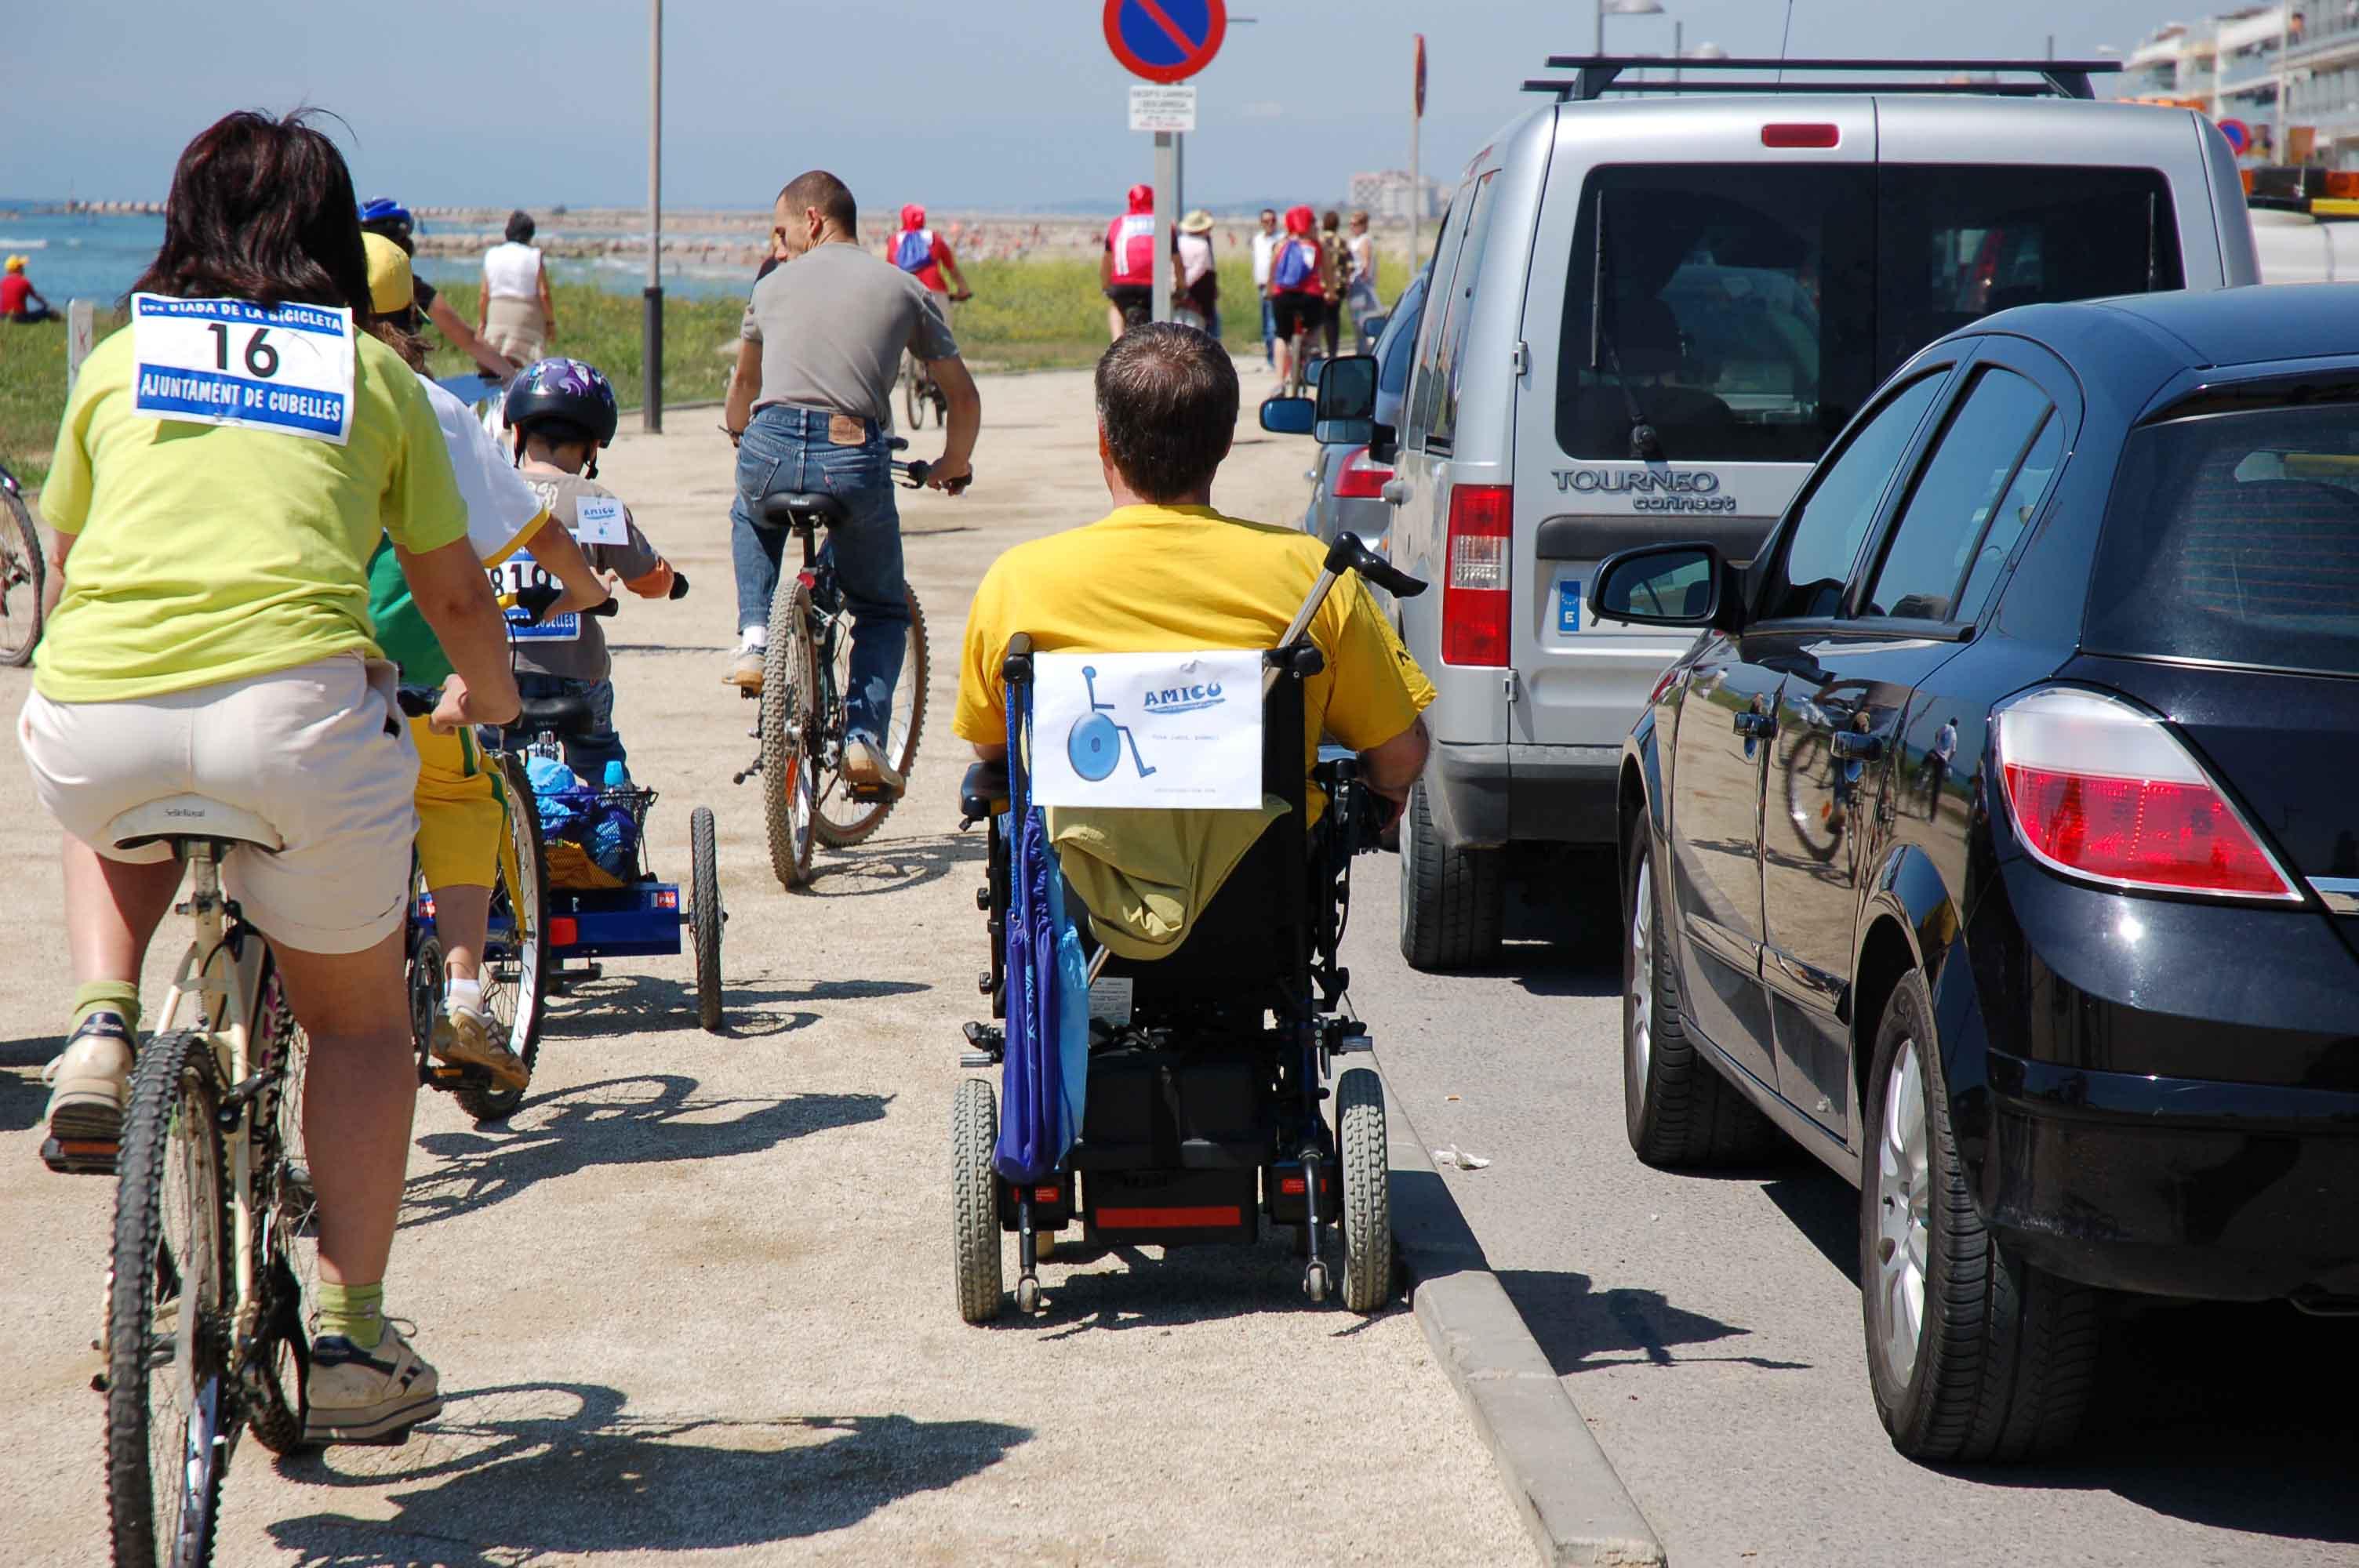 Cursa_bicicleta_48